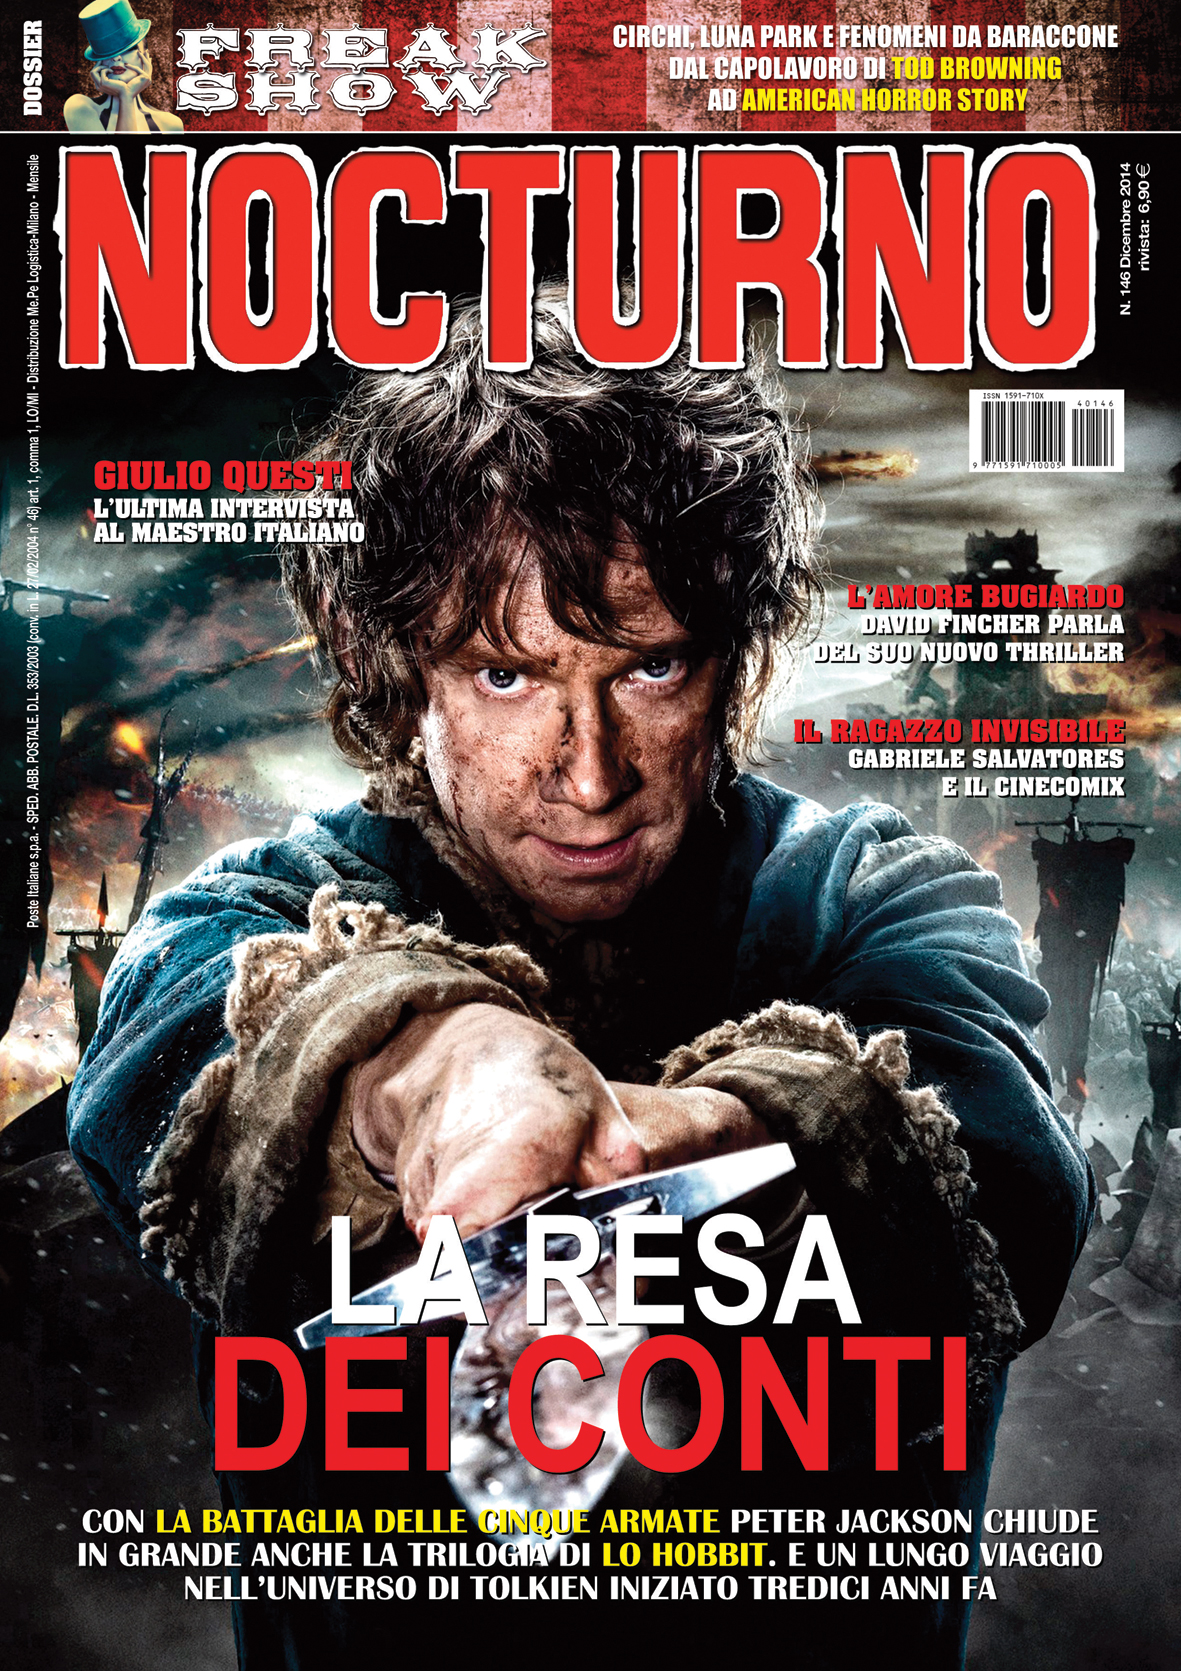 Nocturno cinema n. 146